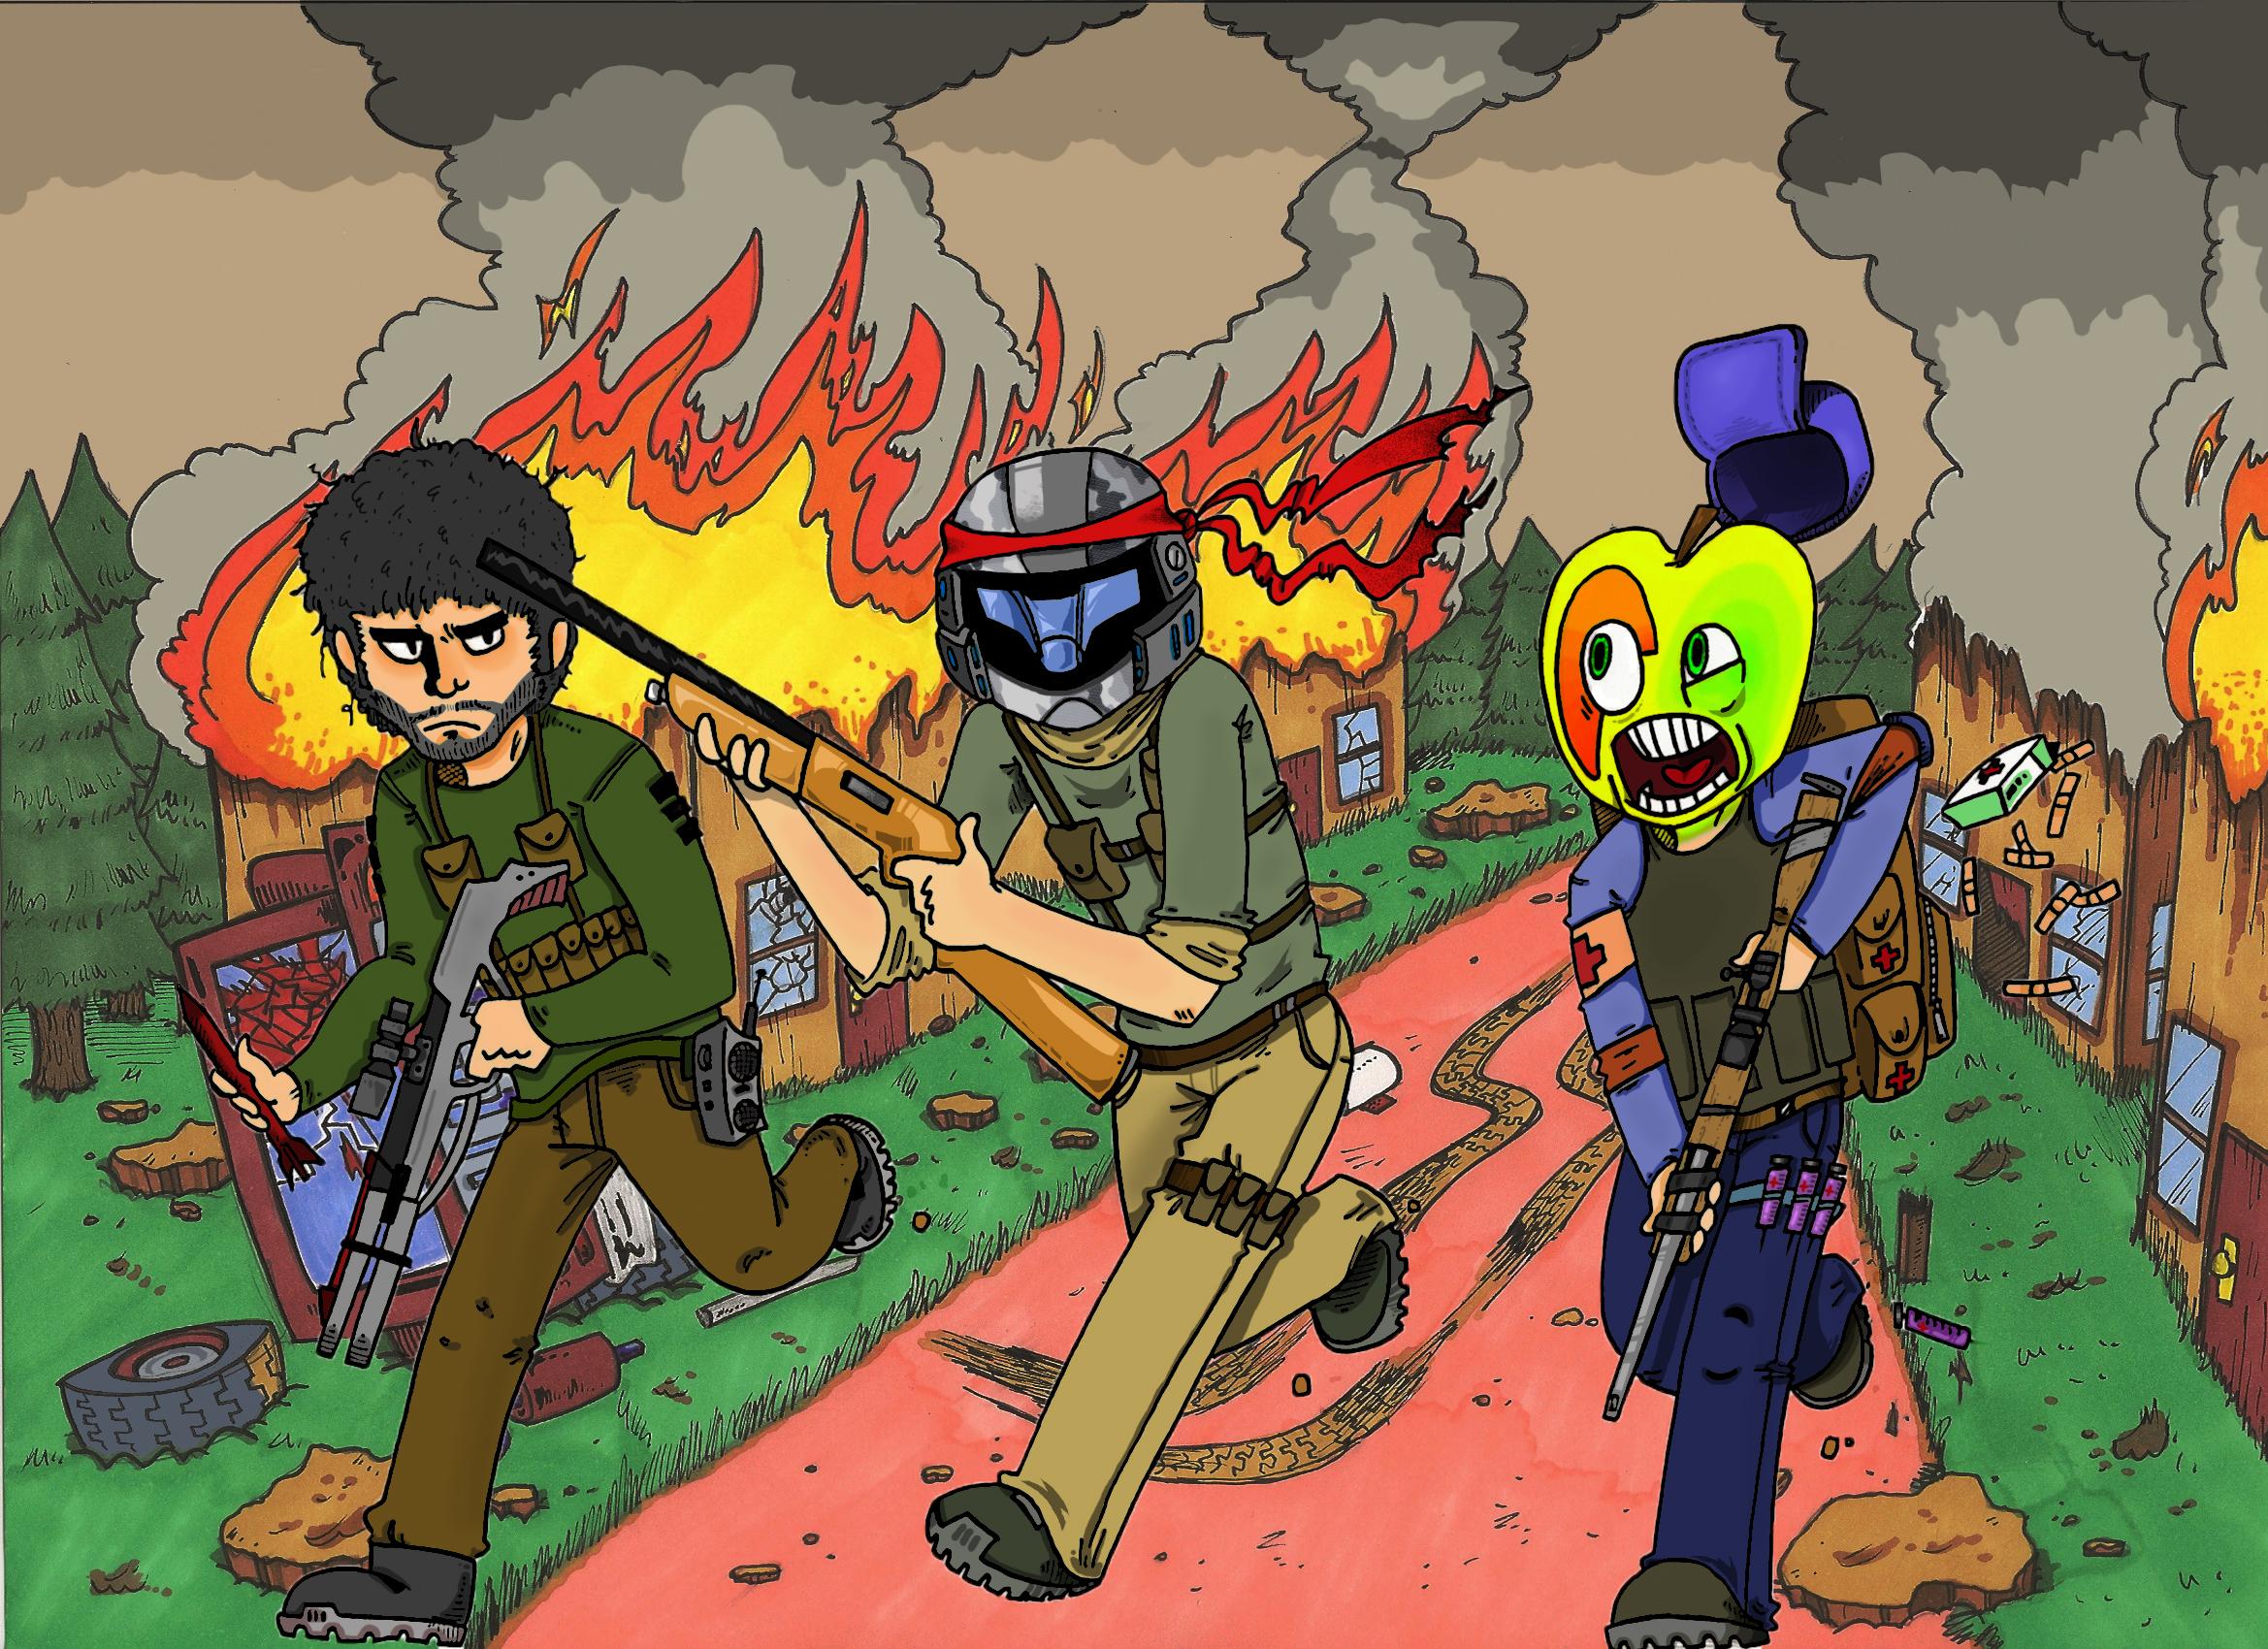 Uncanny Soldiers